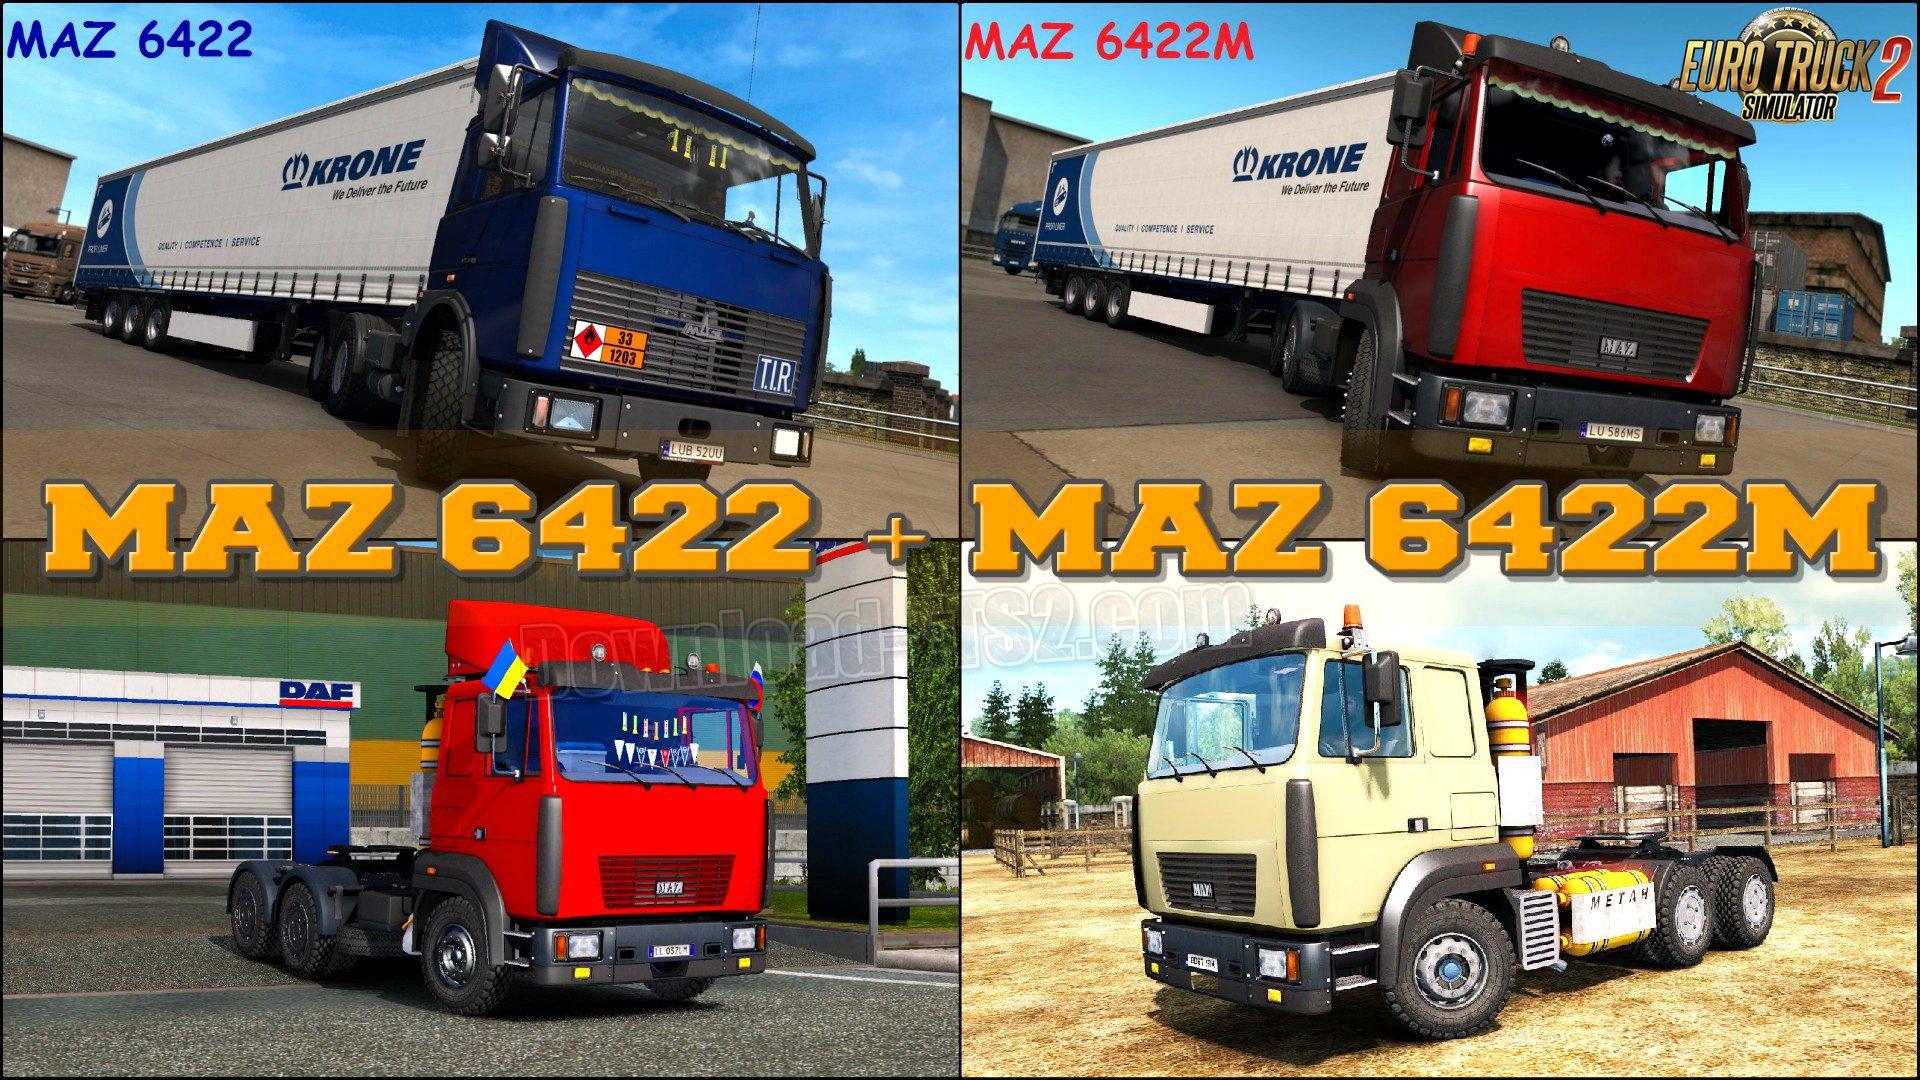 MAZ 6422 + MAZ 6422M v1.0 (1.33.x)